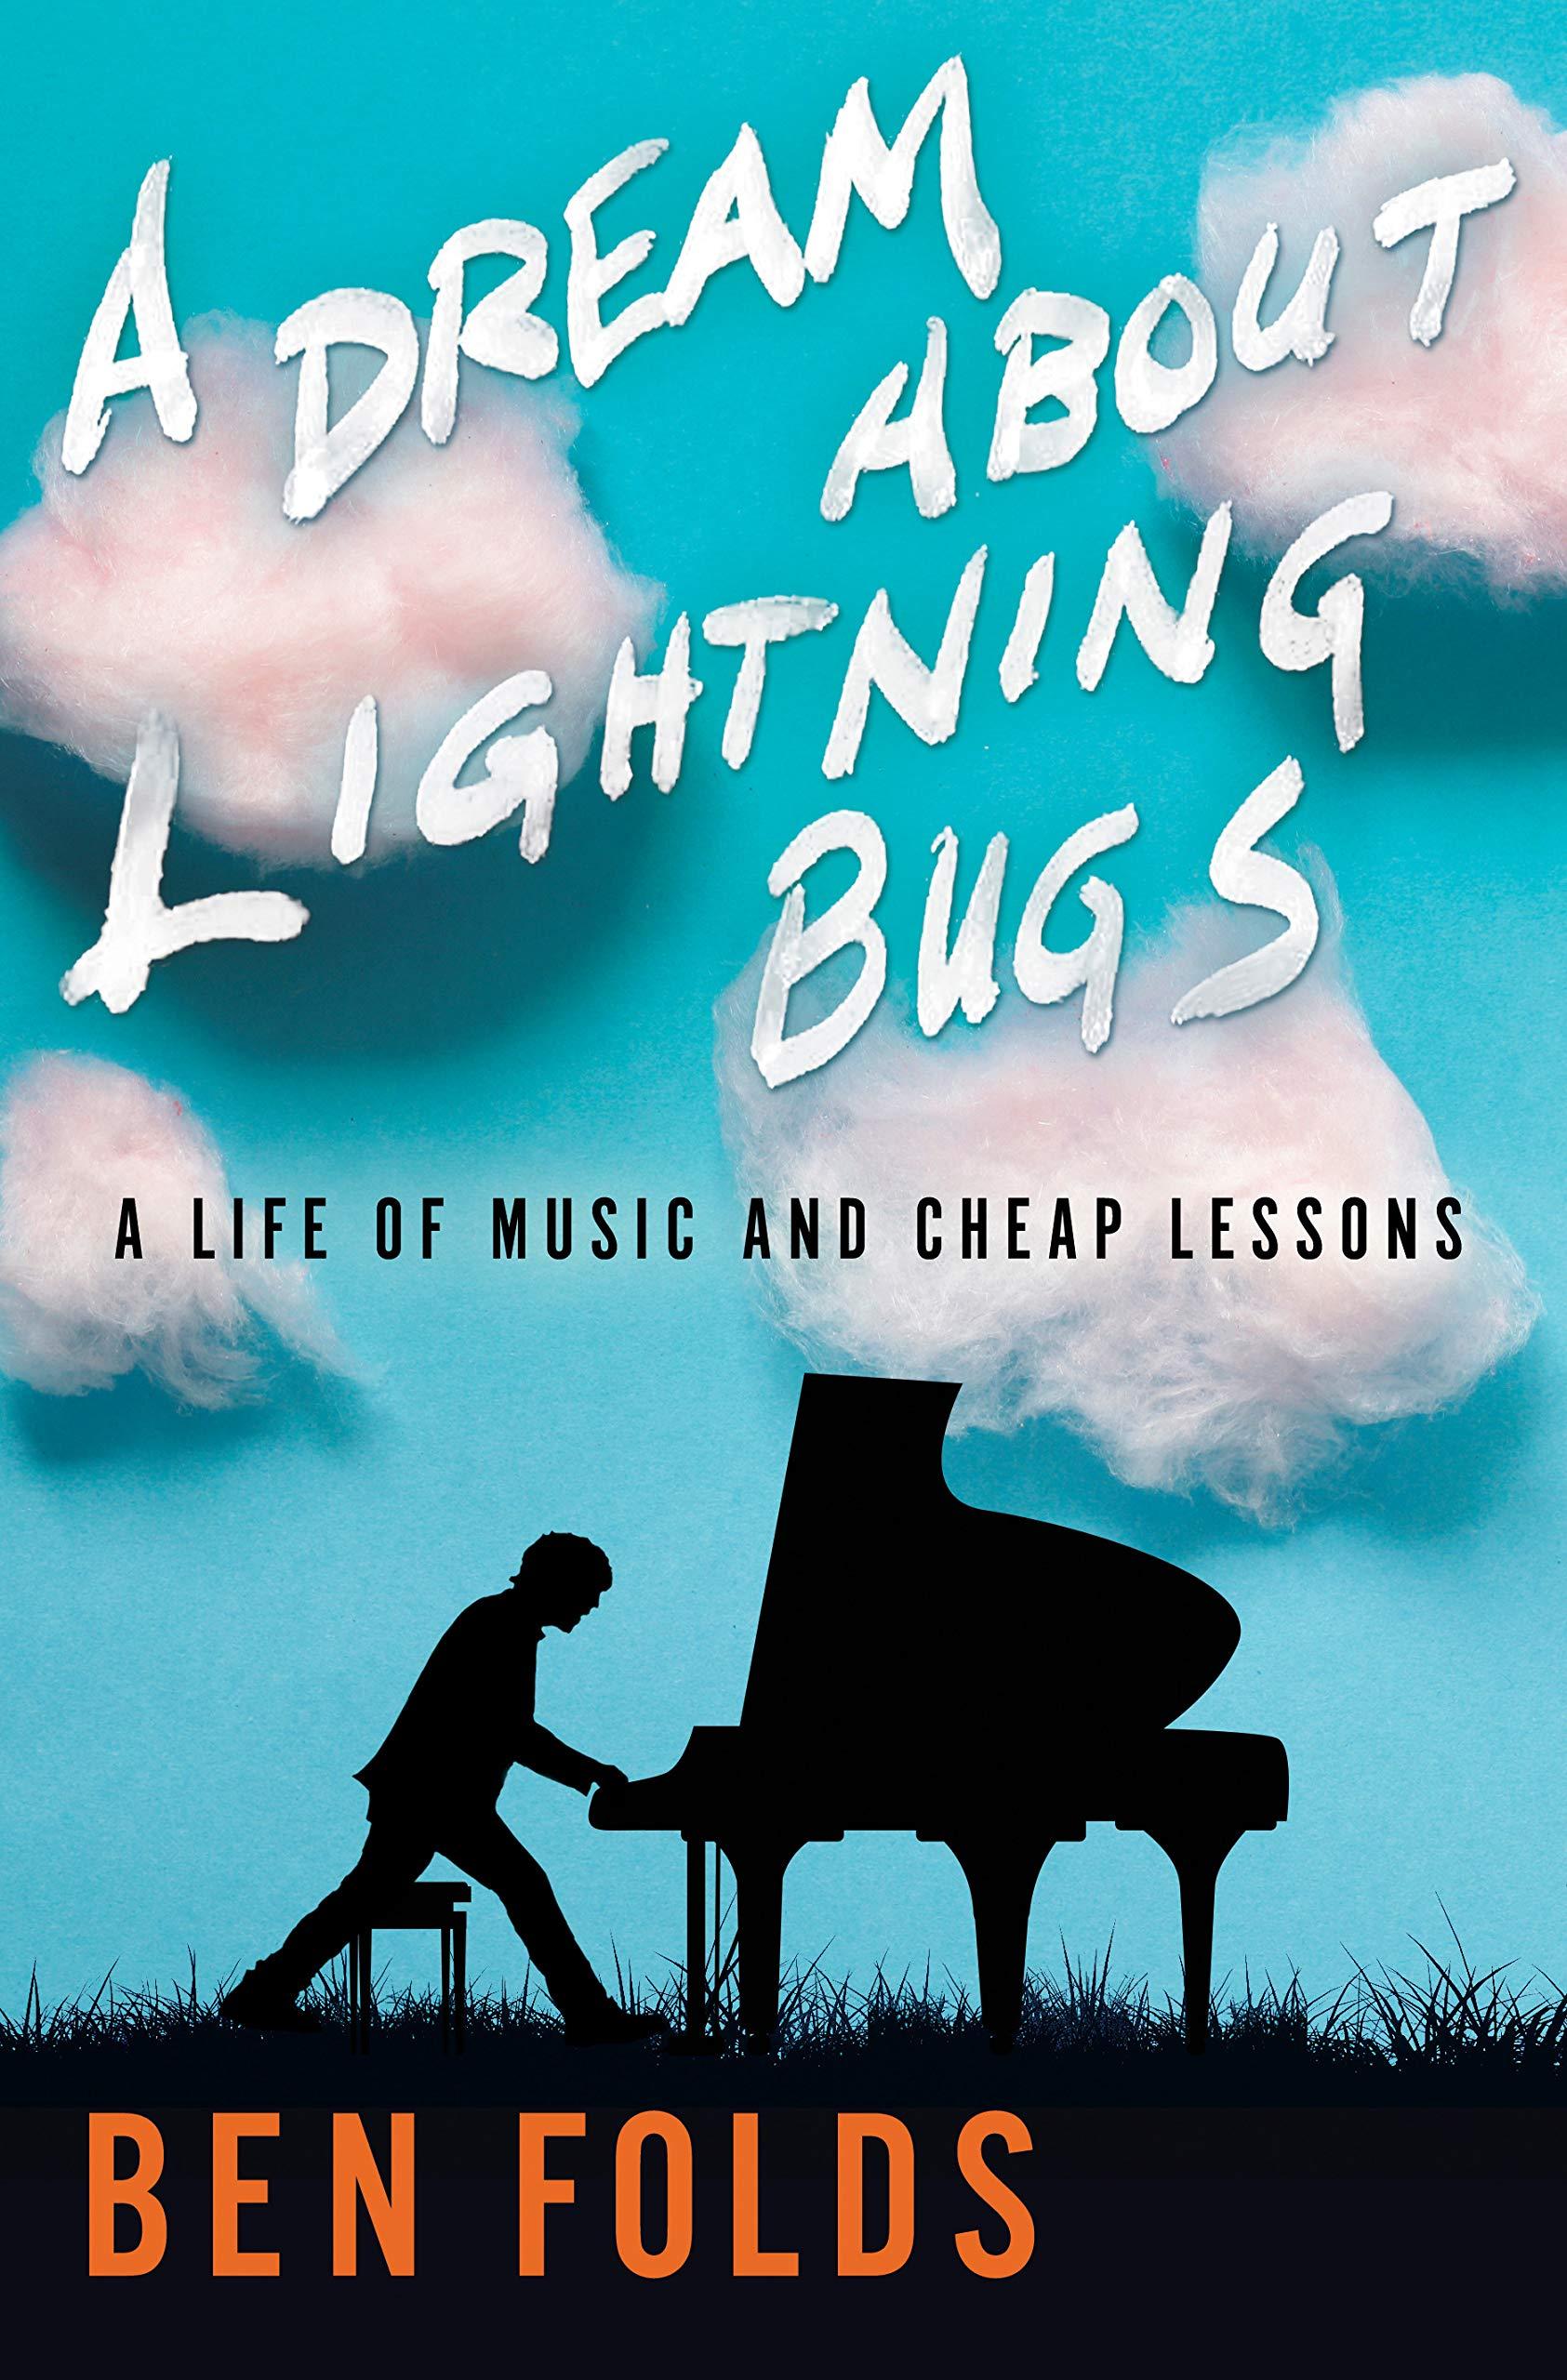 lightningbugs_benfolds.jpg